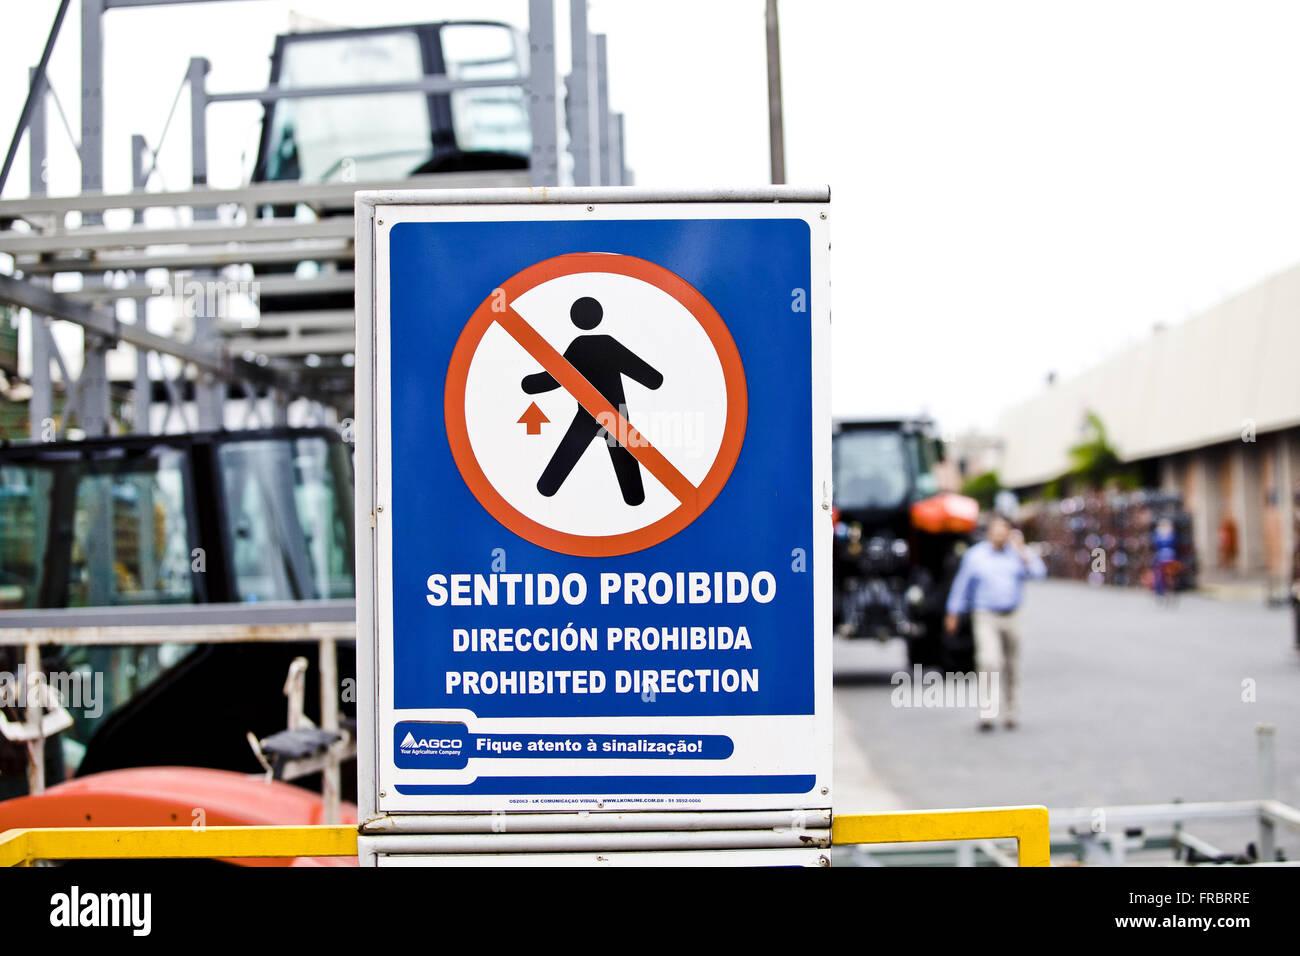 Interdit de signalisation sens de patio fabrique des machines agricoles Photo Stock